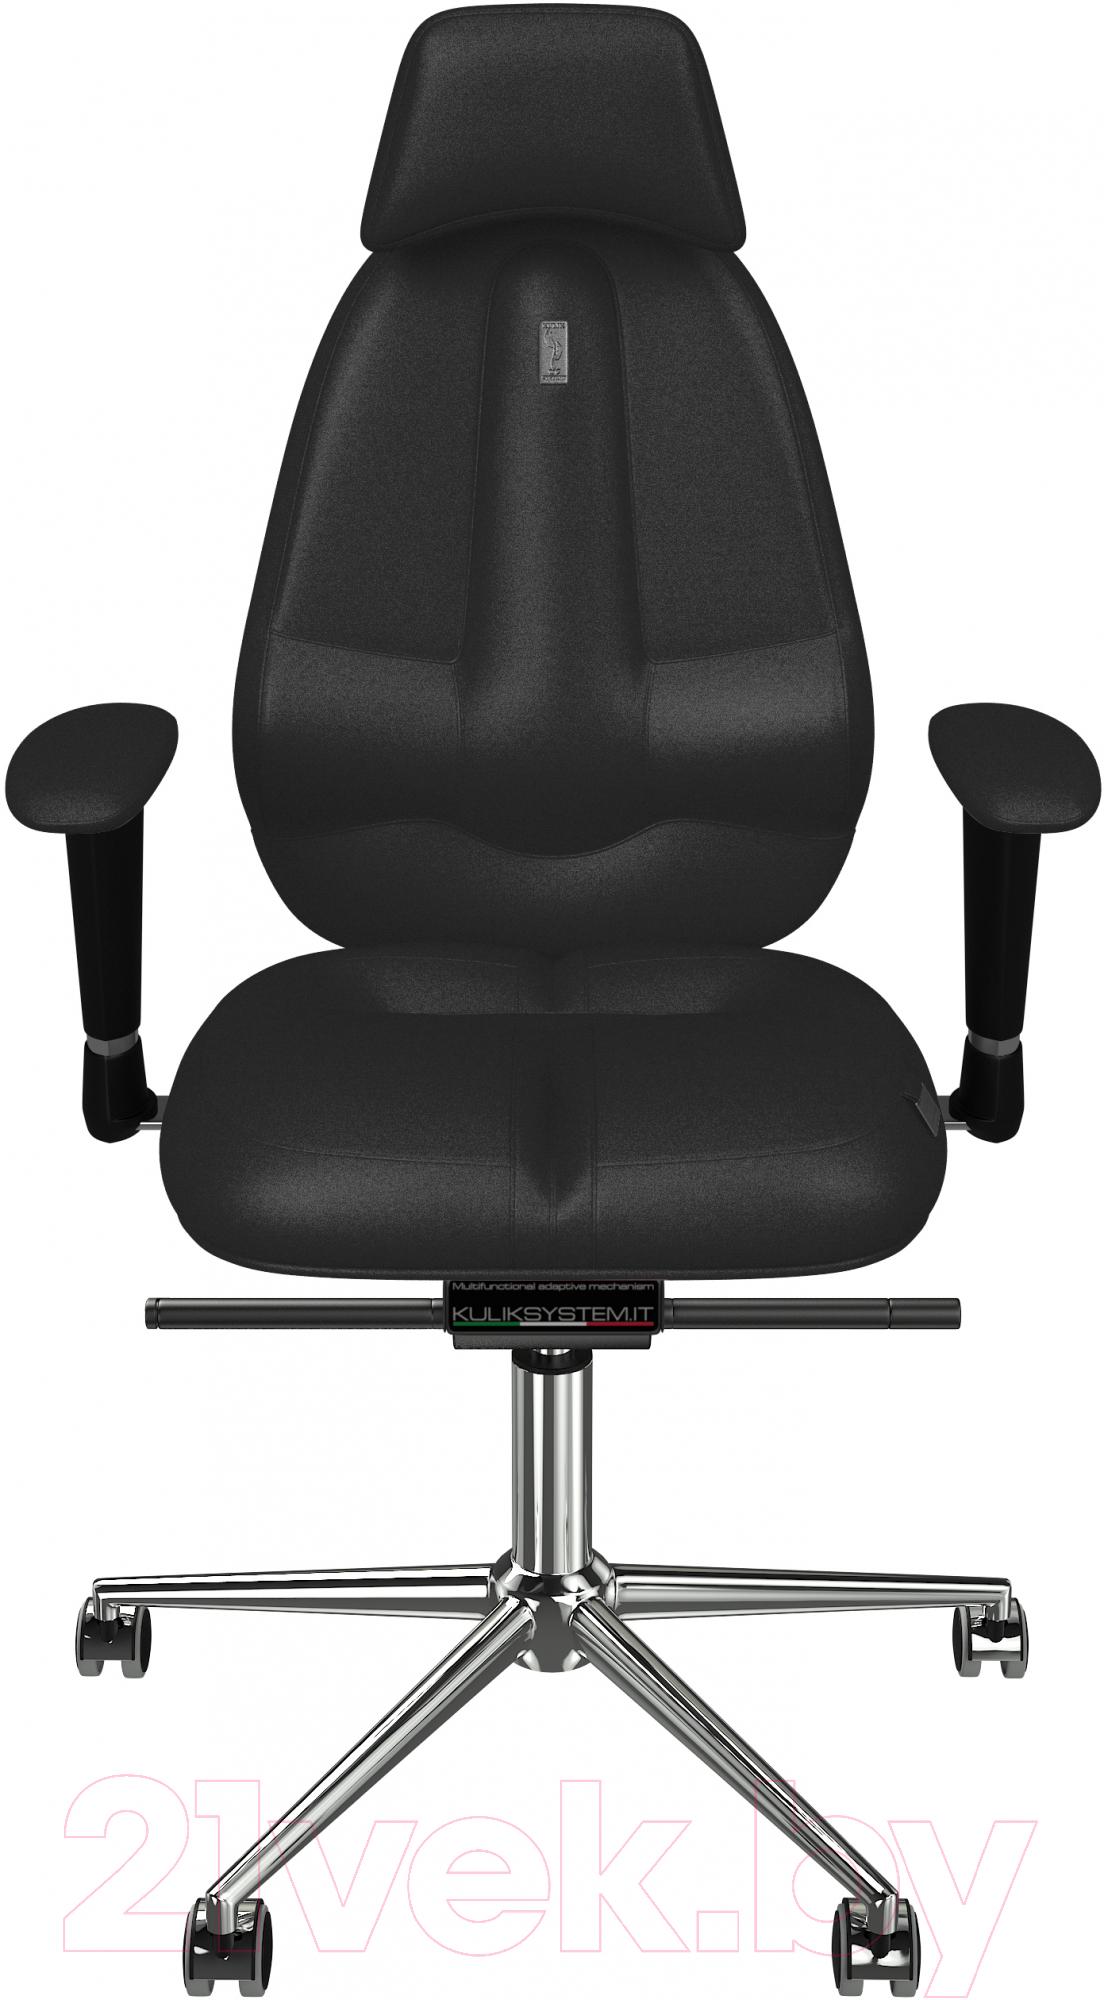 Купить Кресло офисное Kulik System, Classic азур (черный с подголовником), Украина, Classic (Kulik System)